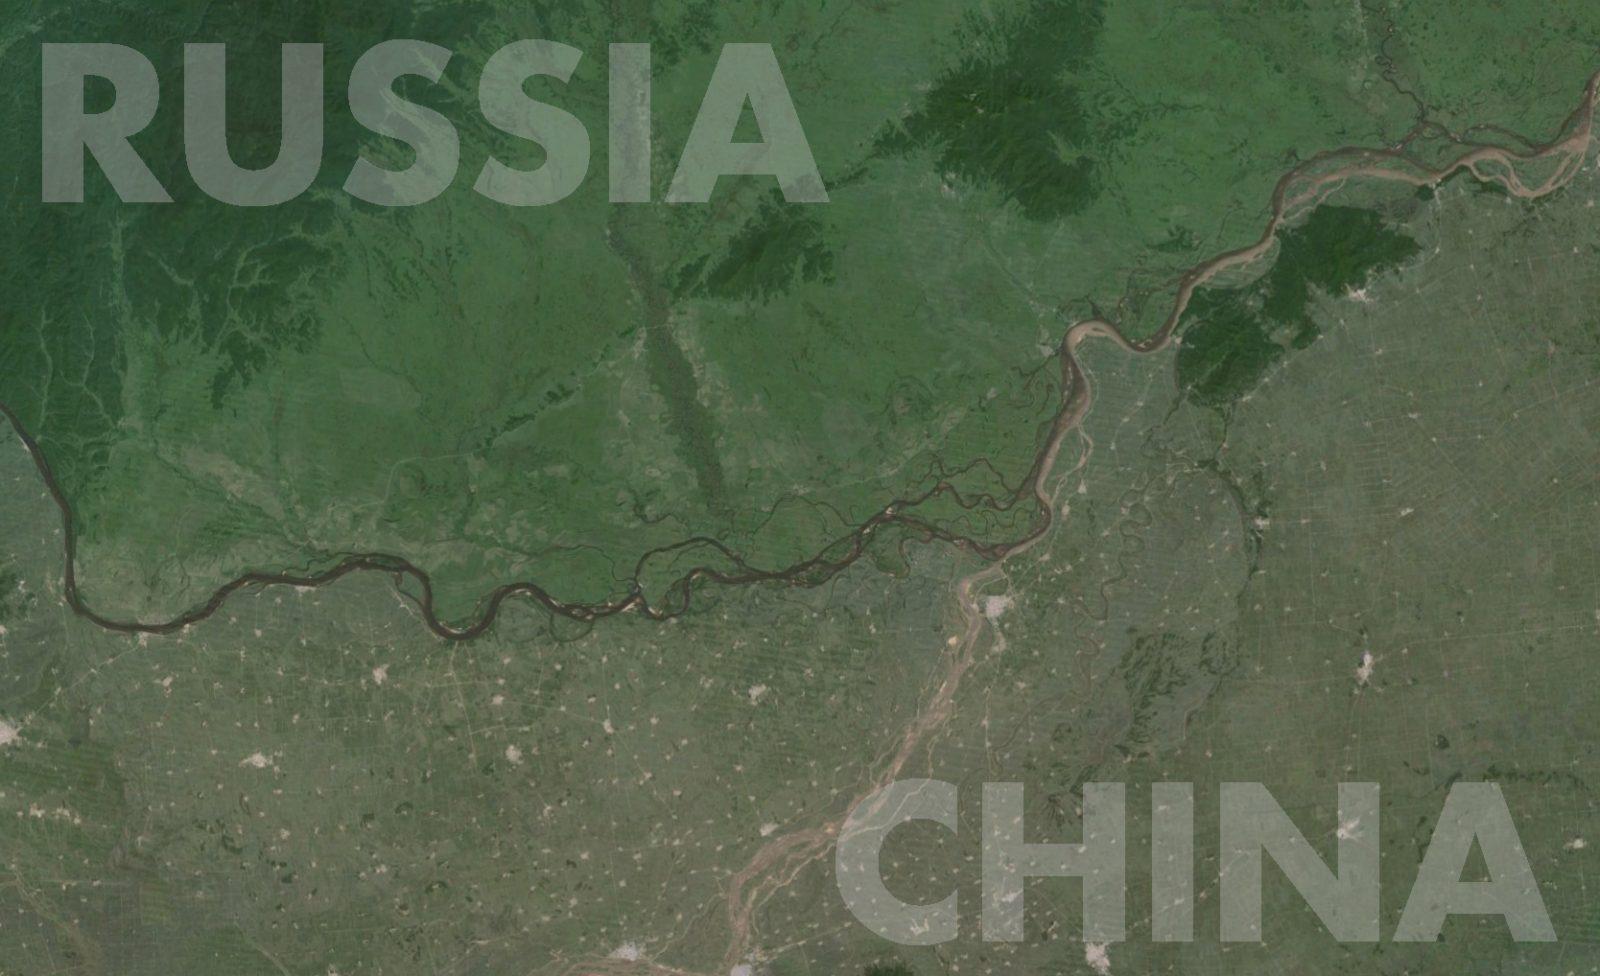 Китай встречает Россию